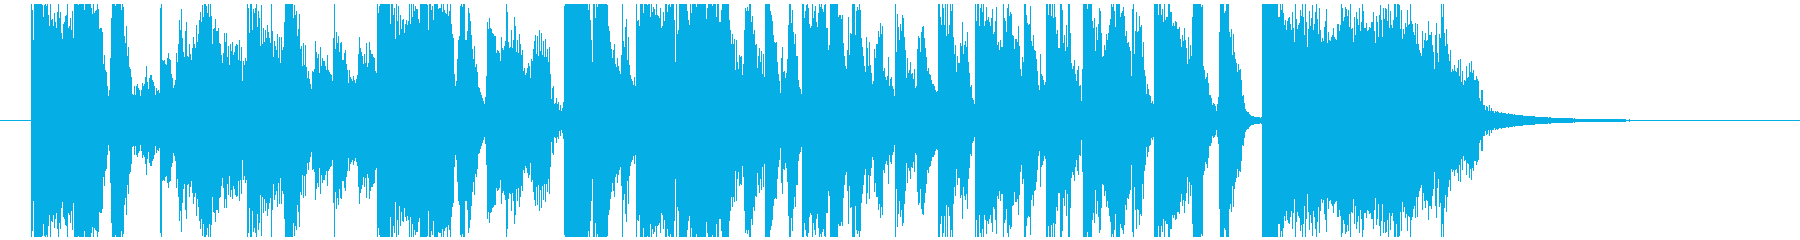 報道テレビ番組オープニング風 約20秒の再生済みの波形